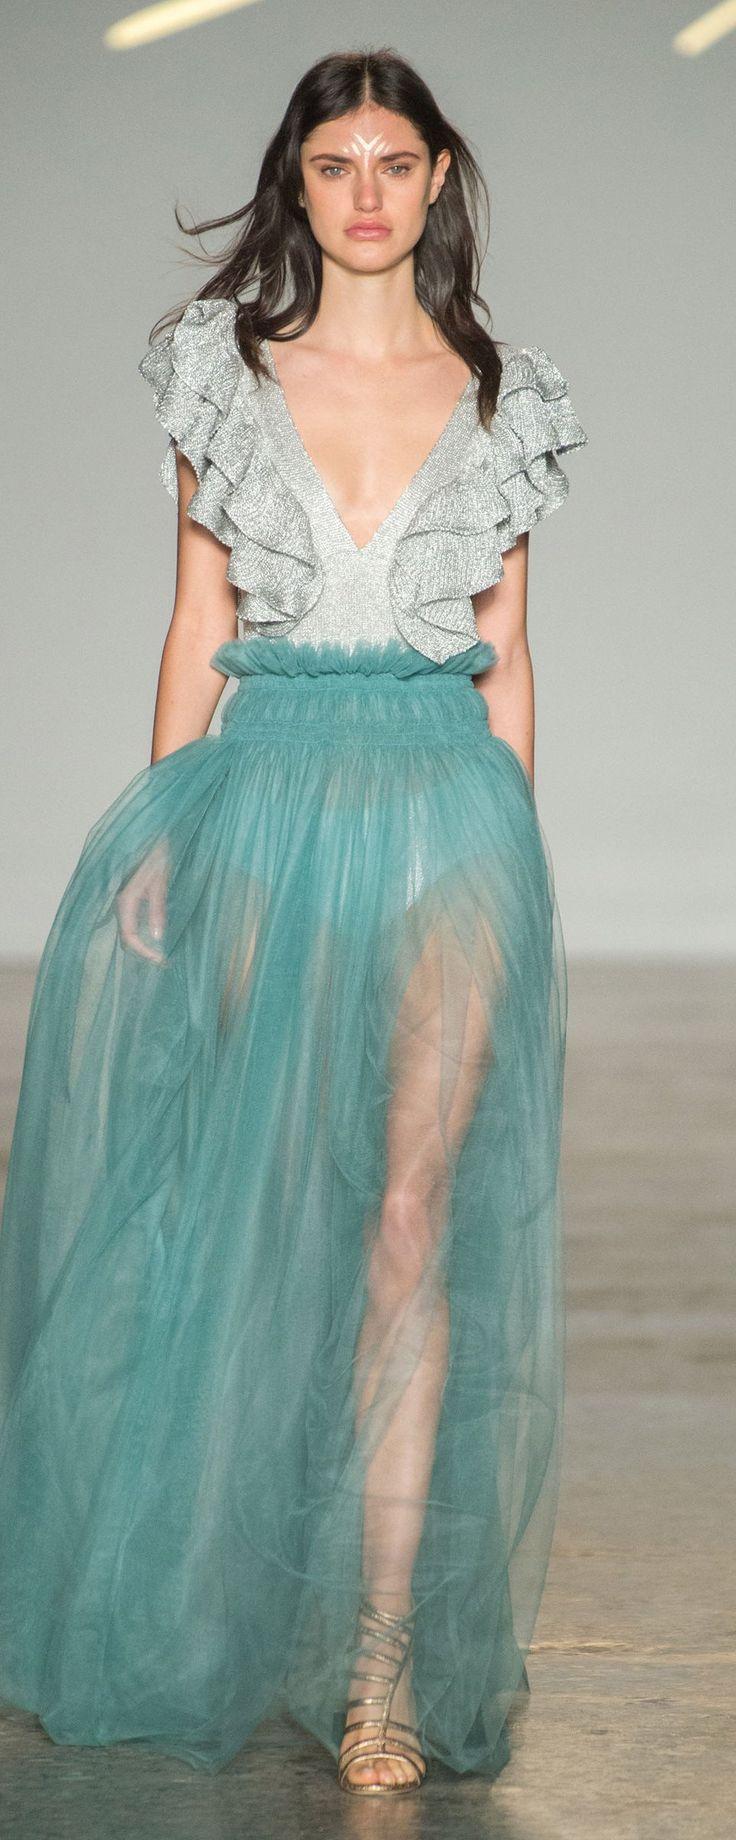 2291 best Blog Moda Fashion Lifestyle images on Pinterest   Fashion ...